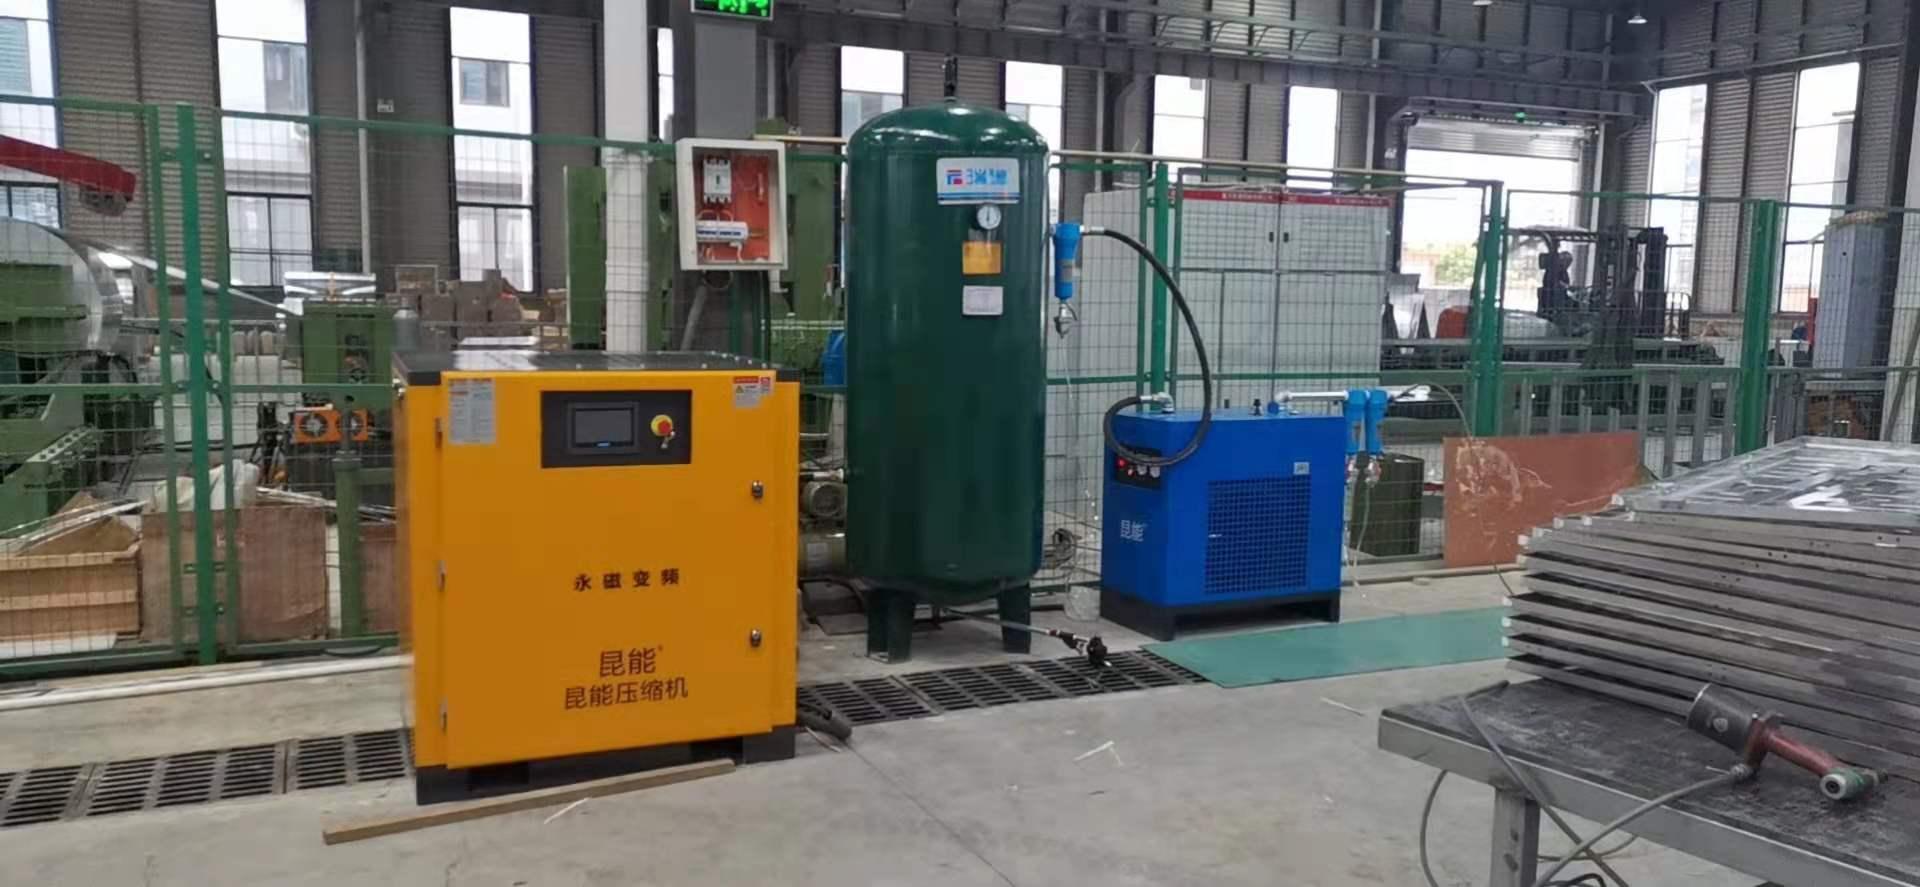 面向四川,云南,贵州,重庆提供上海22KW螺杆空压机(直联)